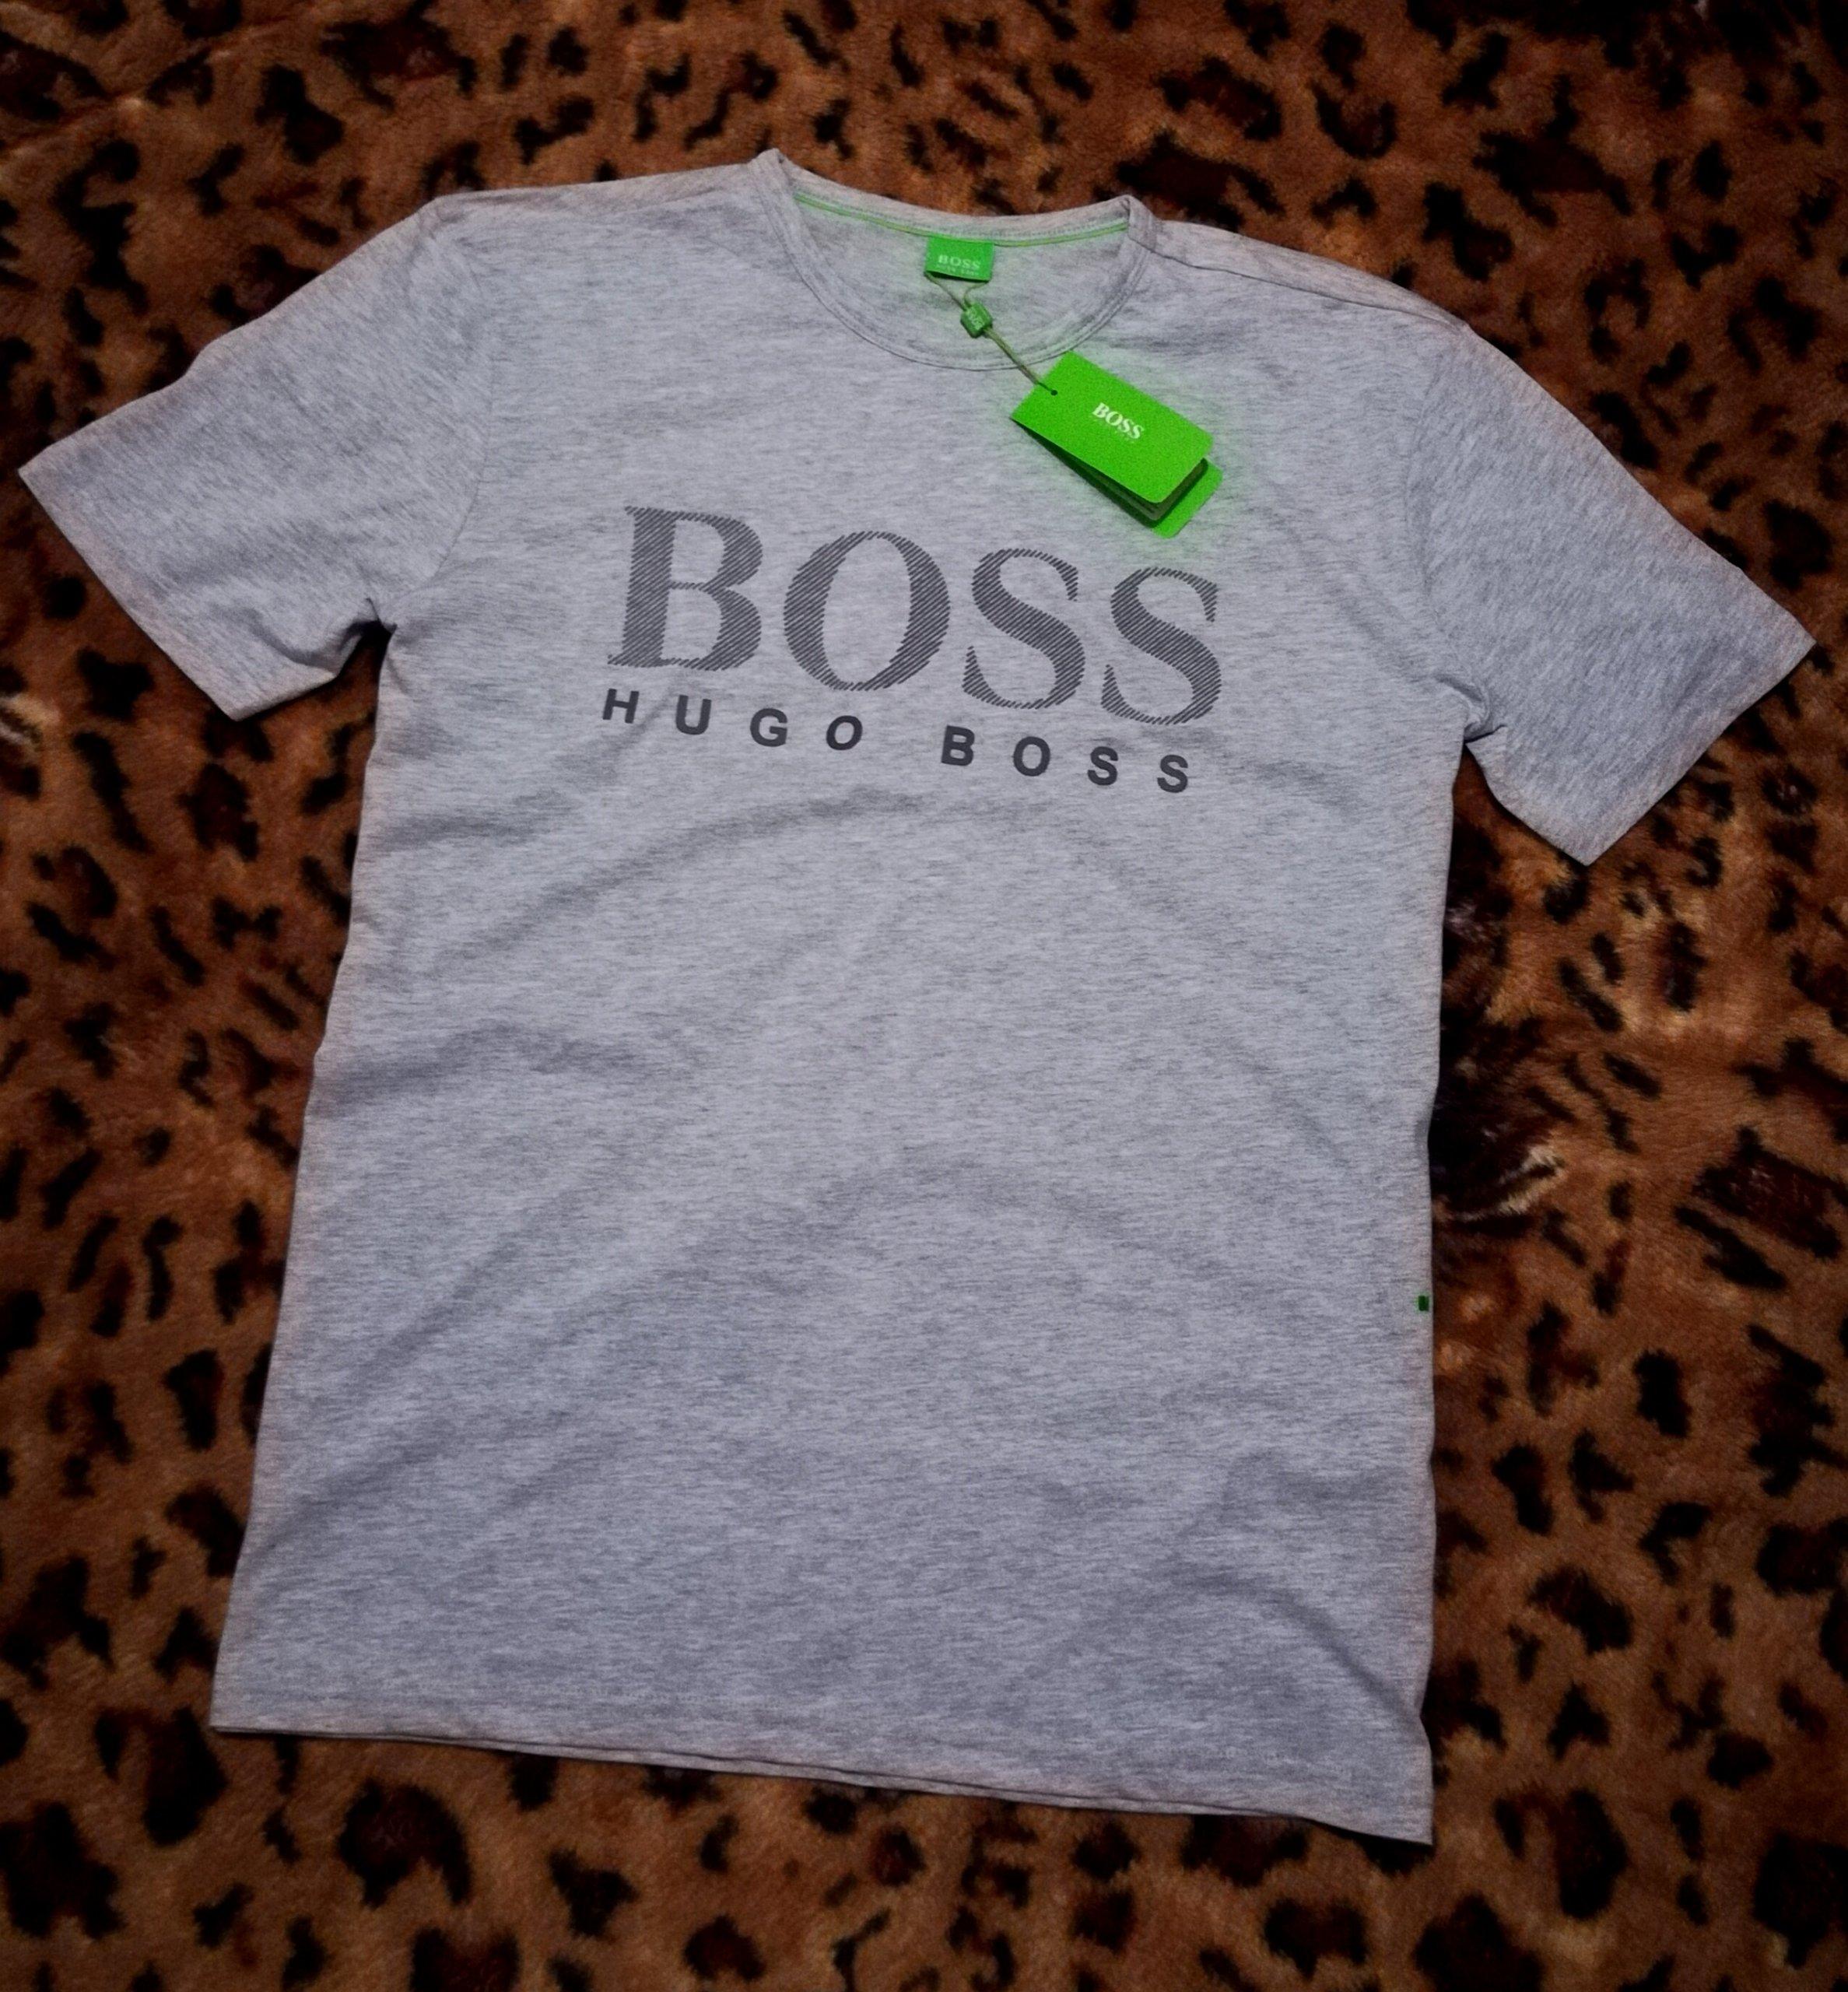 a6206a1e4f331 Hugo Boss Koszulka T-Shirt Nowy Rozmiar: M - 7398993901 - oficjalne ...